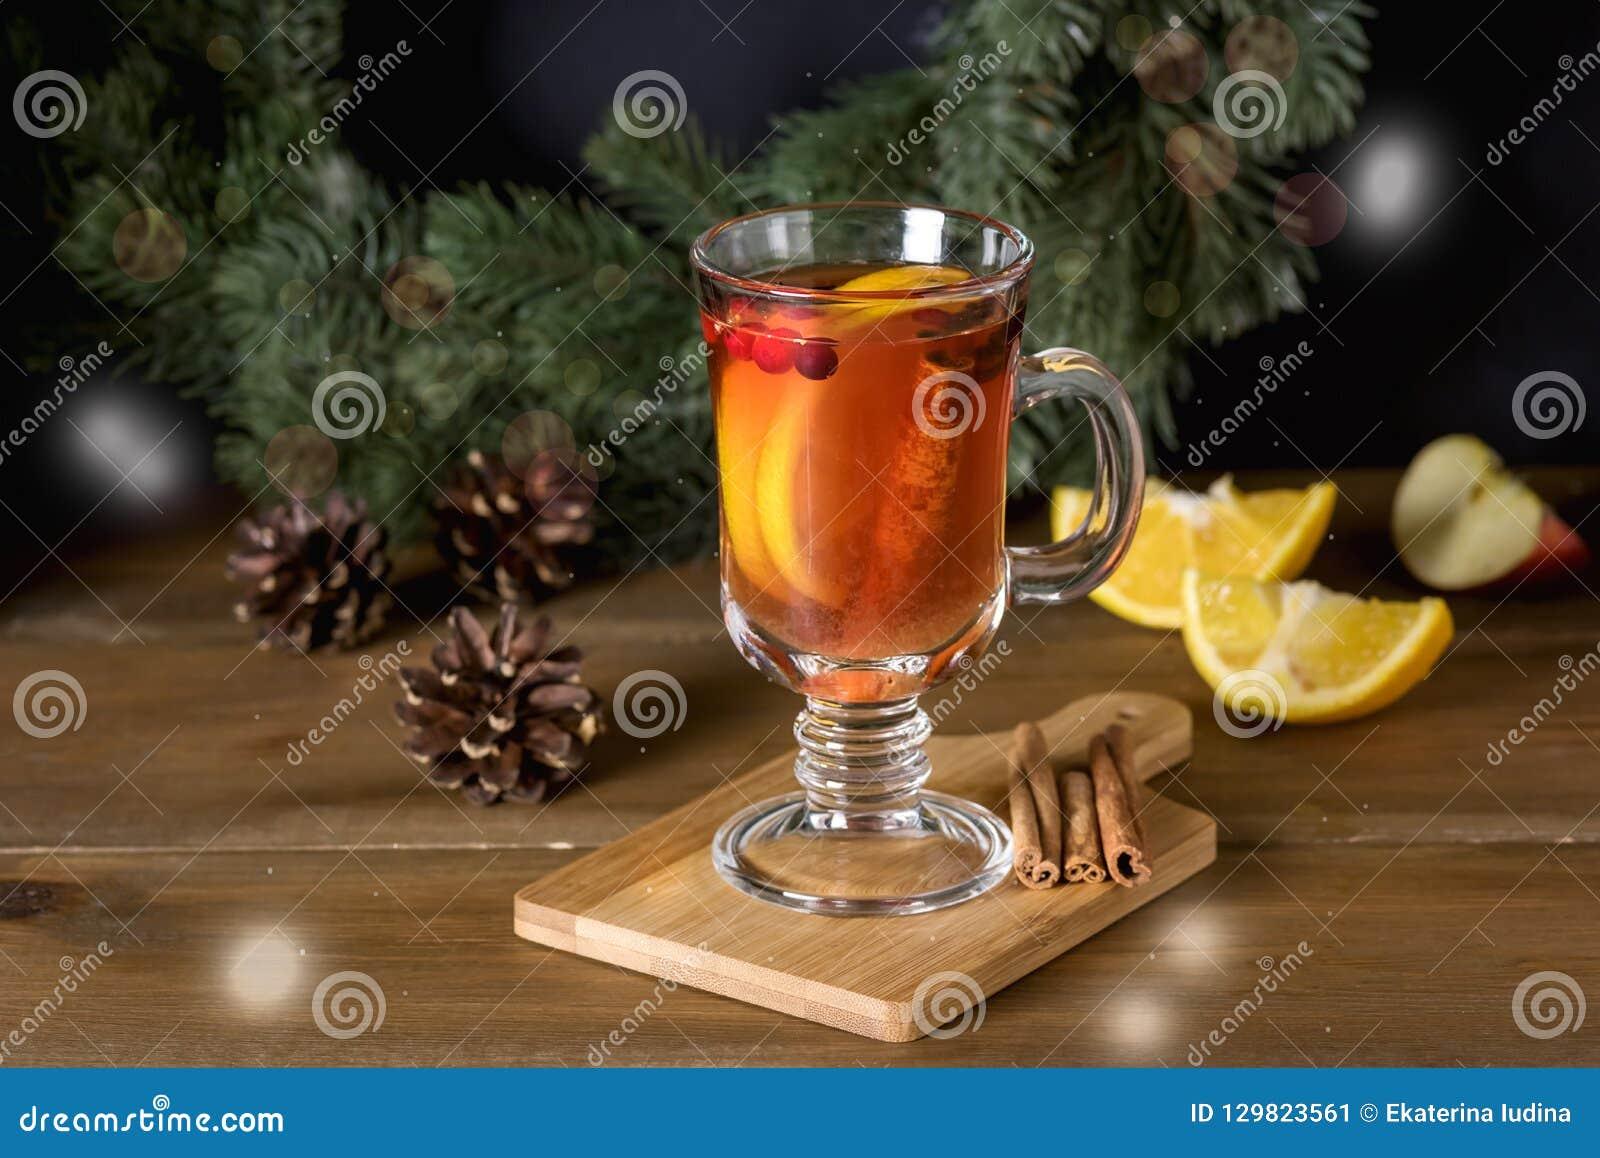 A cidra ferventada com especiarias com especiarias adicionadas e os feriados quentes deliciosos e aquecendo-se do citrino da bebi